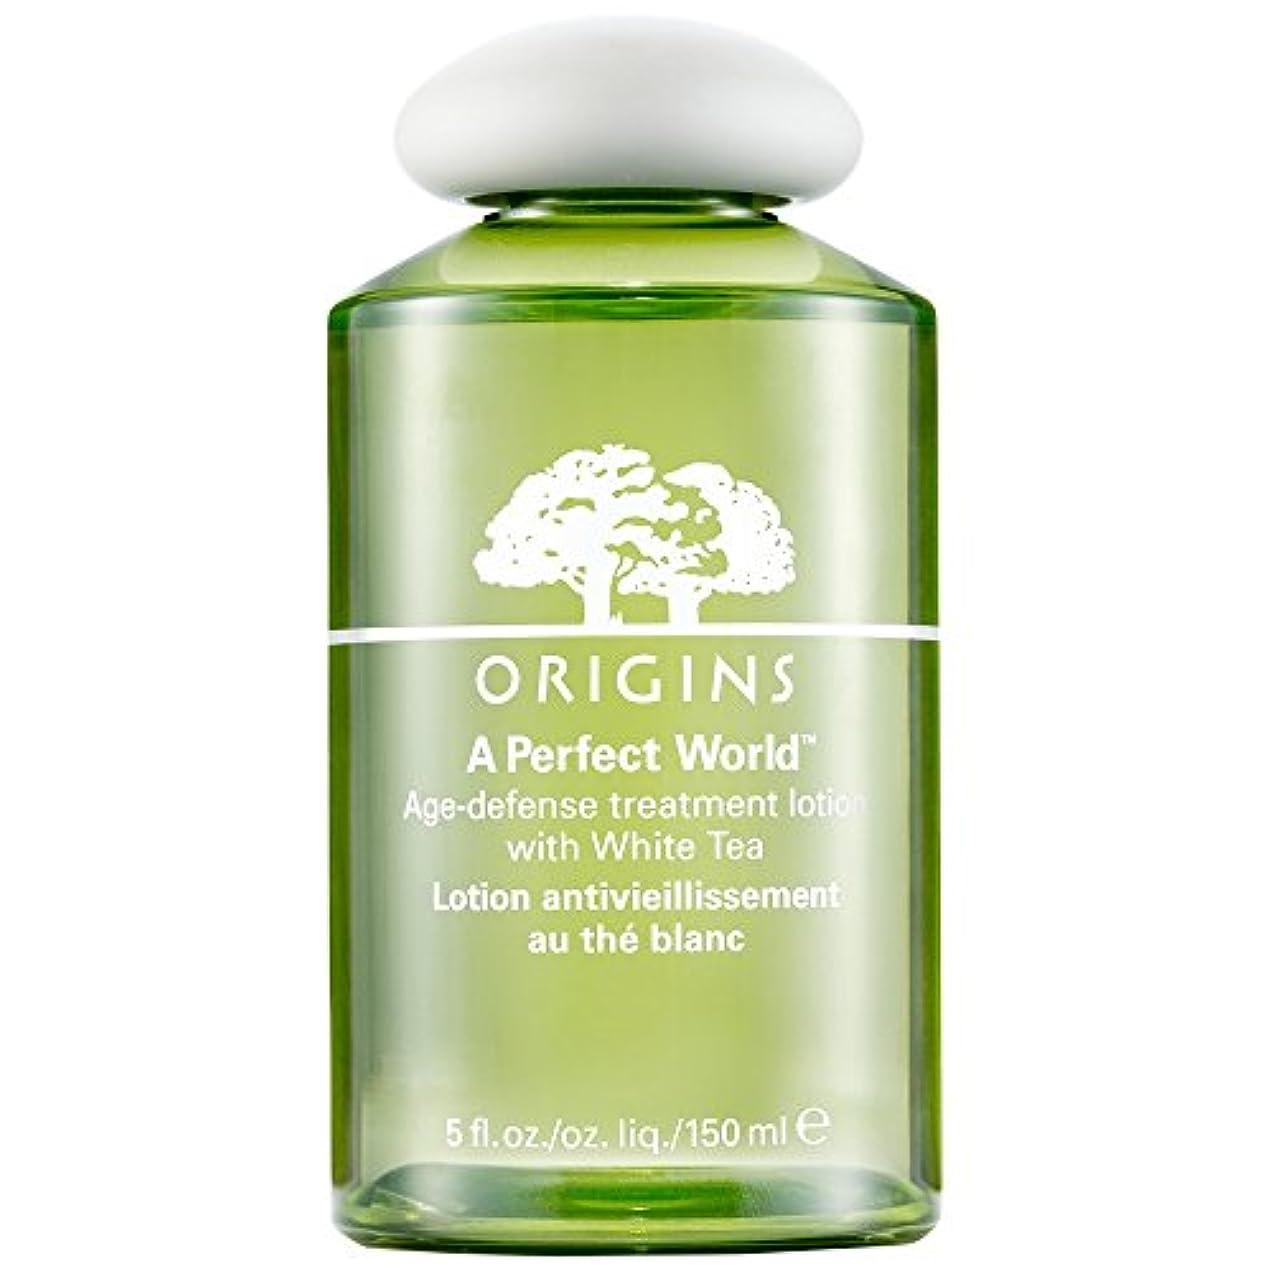 論理みなすまたはどちらか起源ホワイトティー、150ミリリットルとの完璧な世界の年齢防衛トリートメントローション (Origins) (x6) - Origins A Perfect World Age Defense Treatment Lotion...